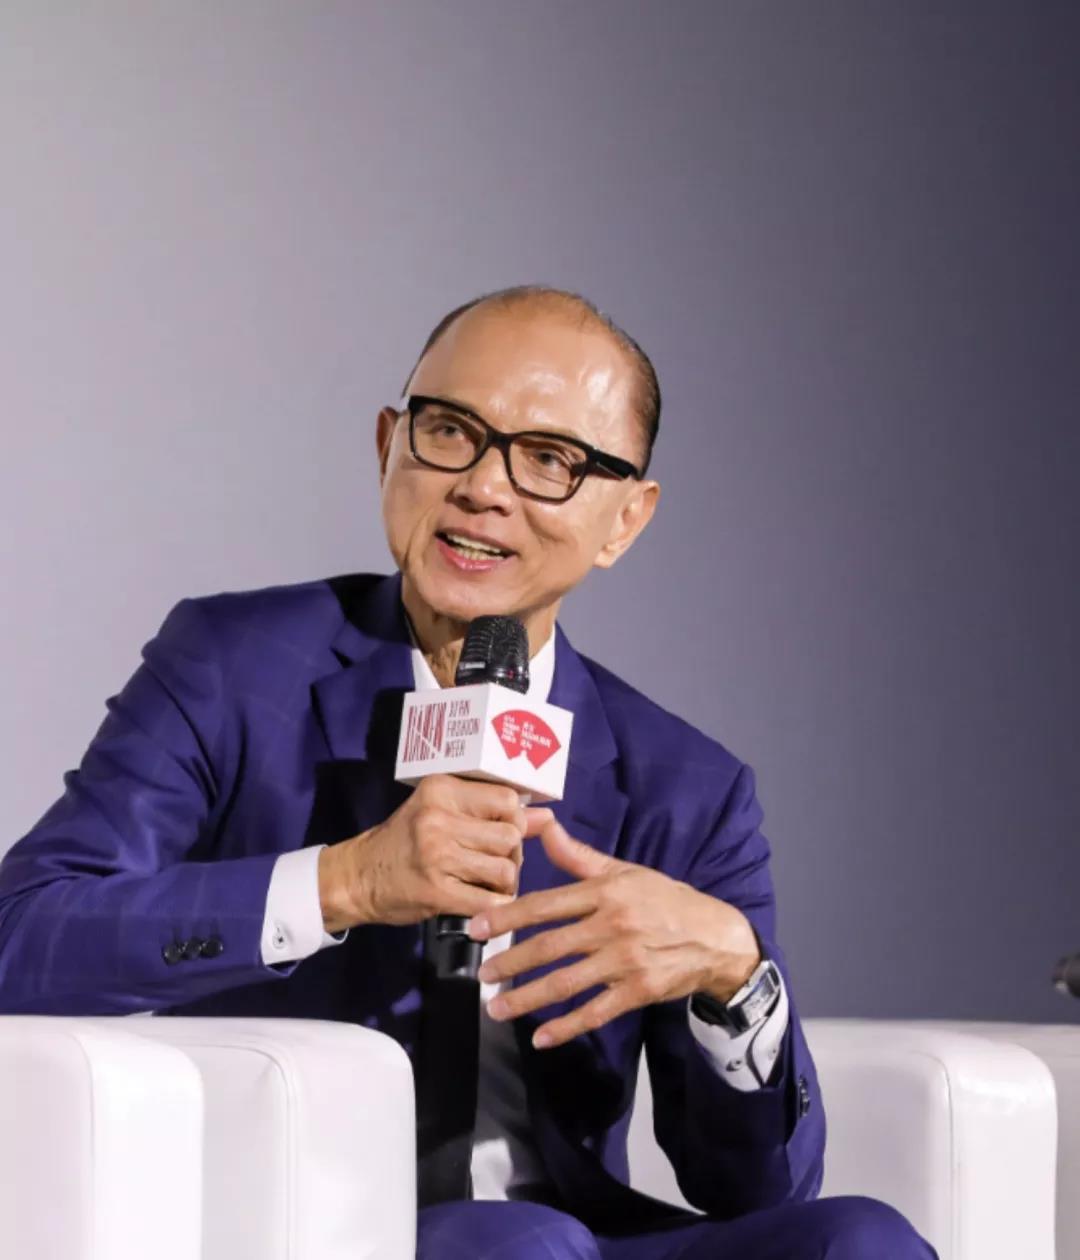 NTK Prof. Jimmy Choo, OBE chia sẻ tại một sự kiện